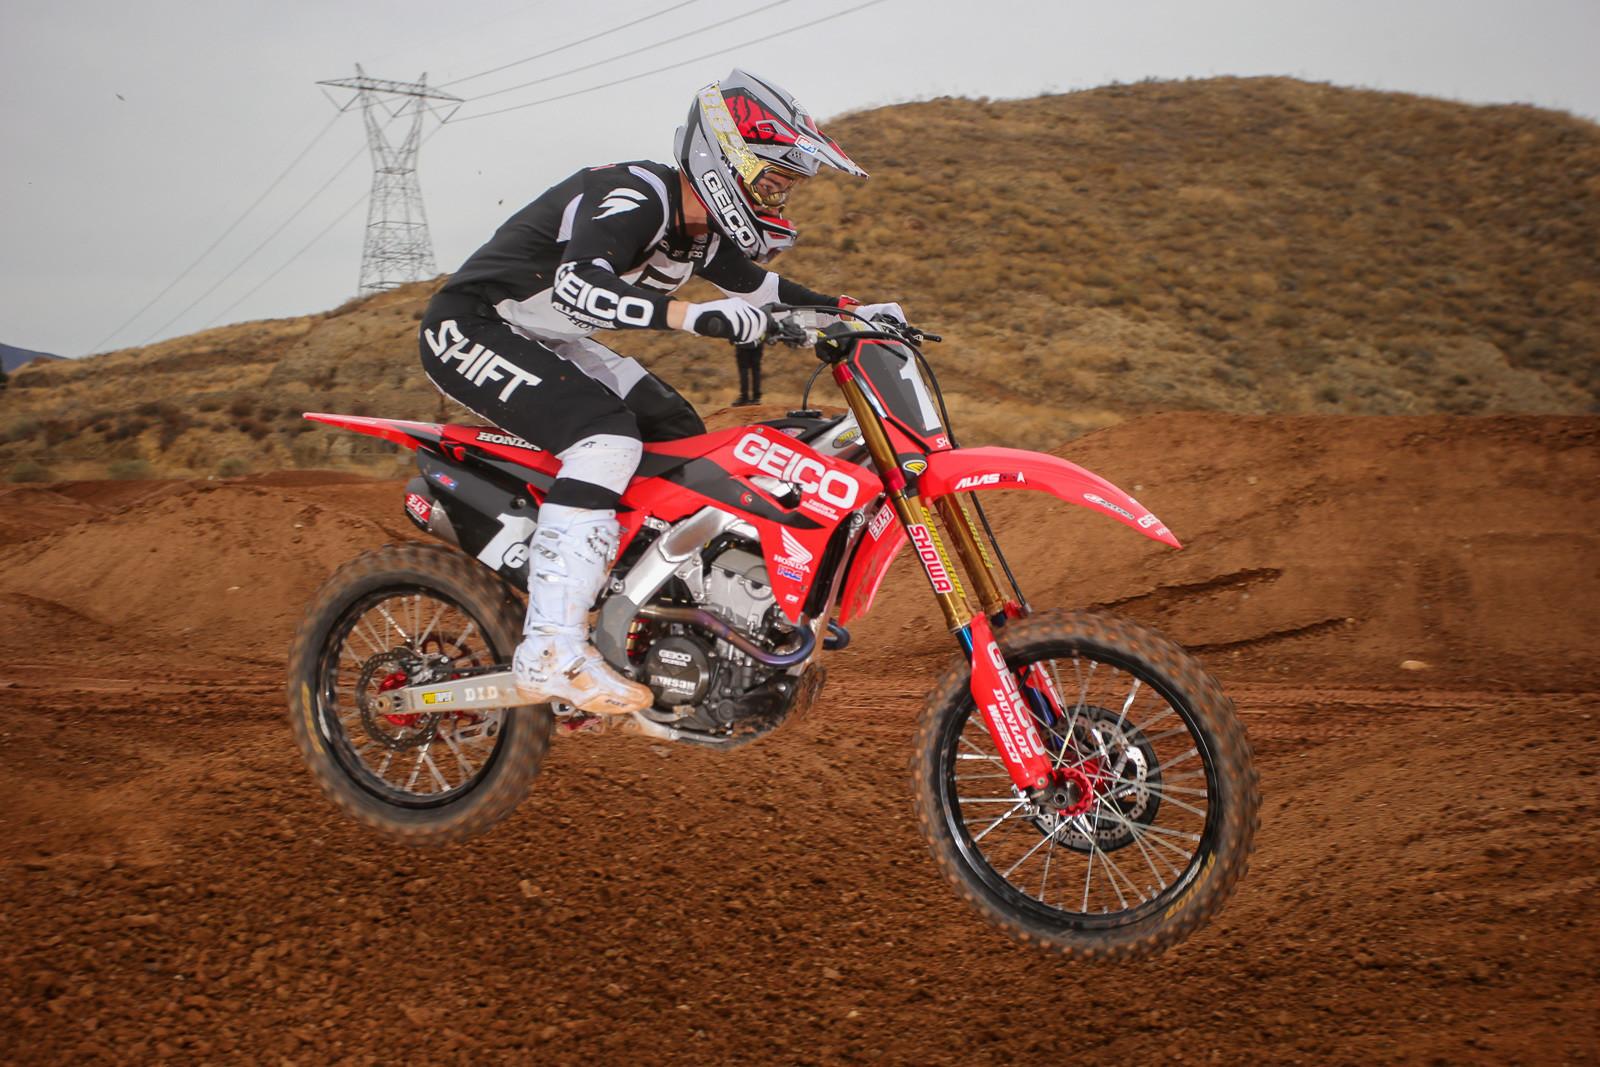 Chase Sexton Sustains Broken Collarbone